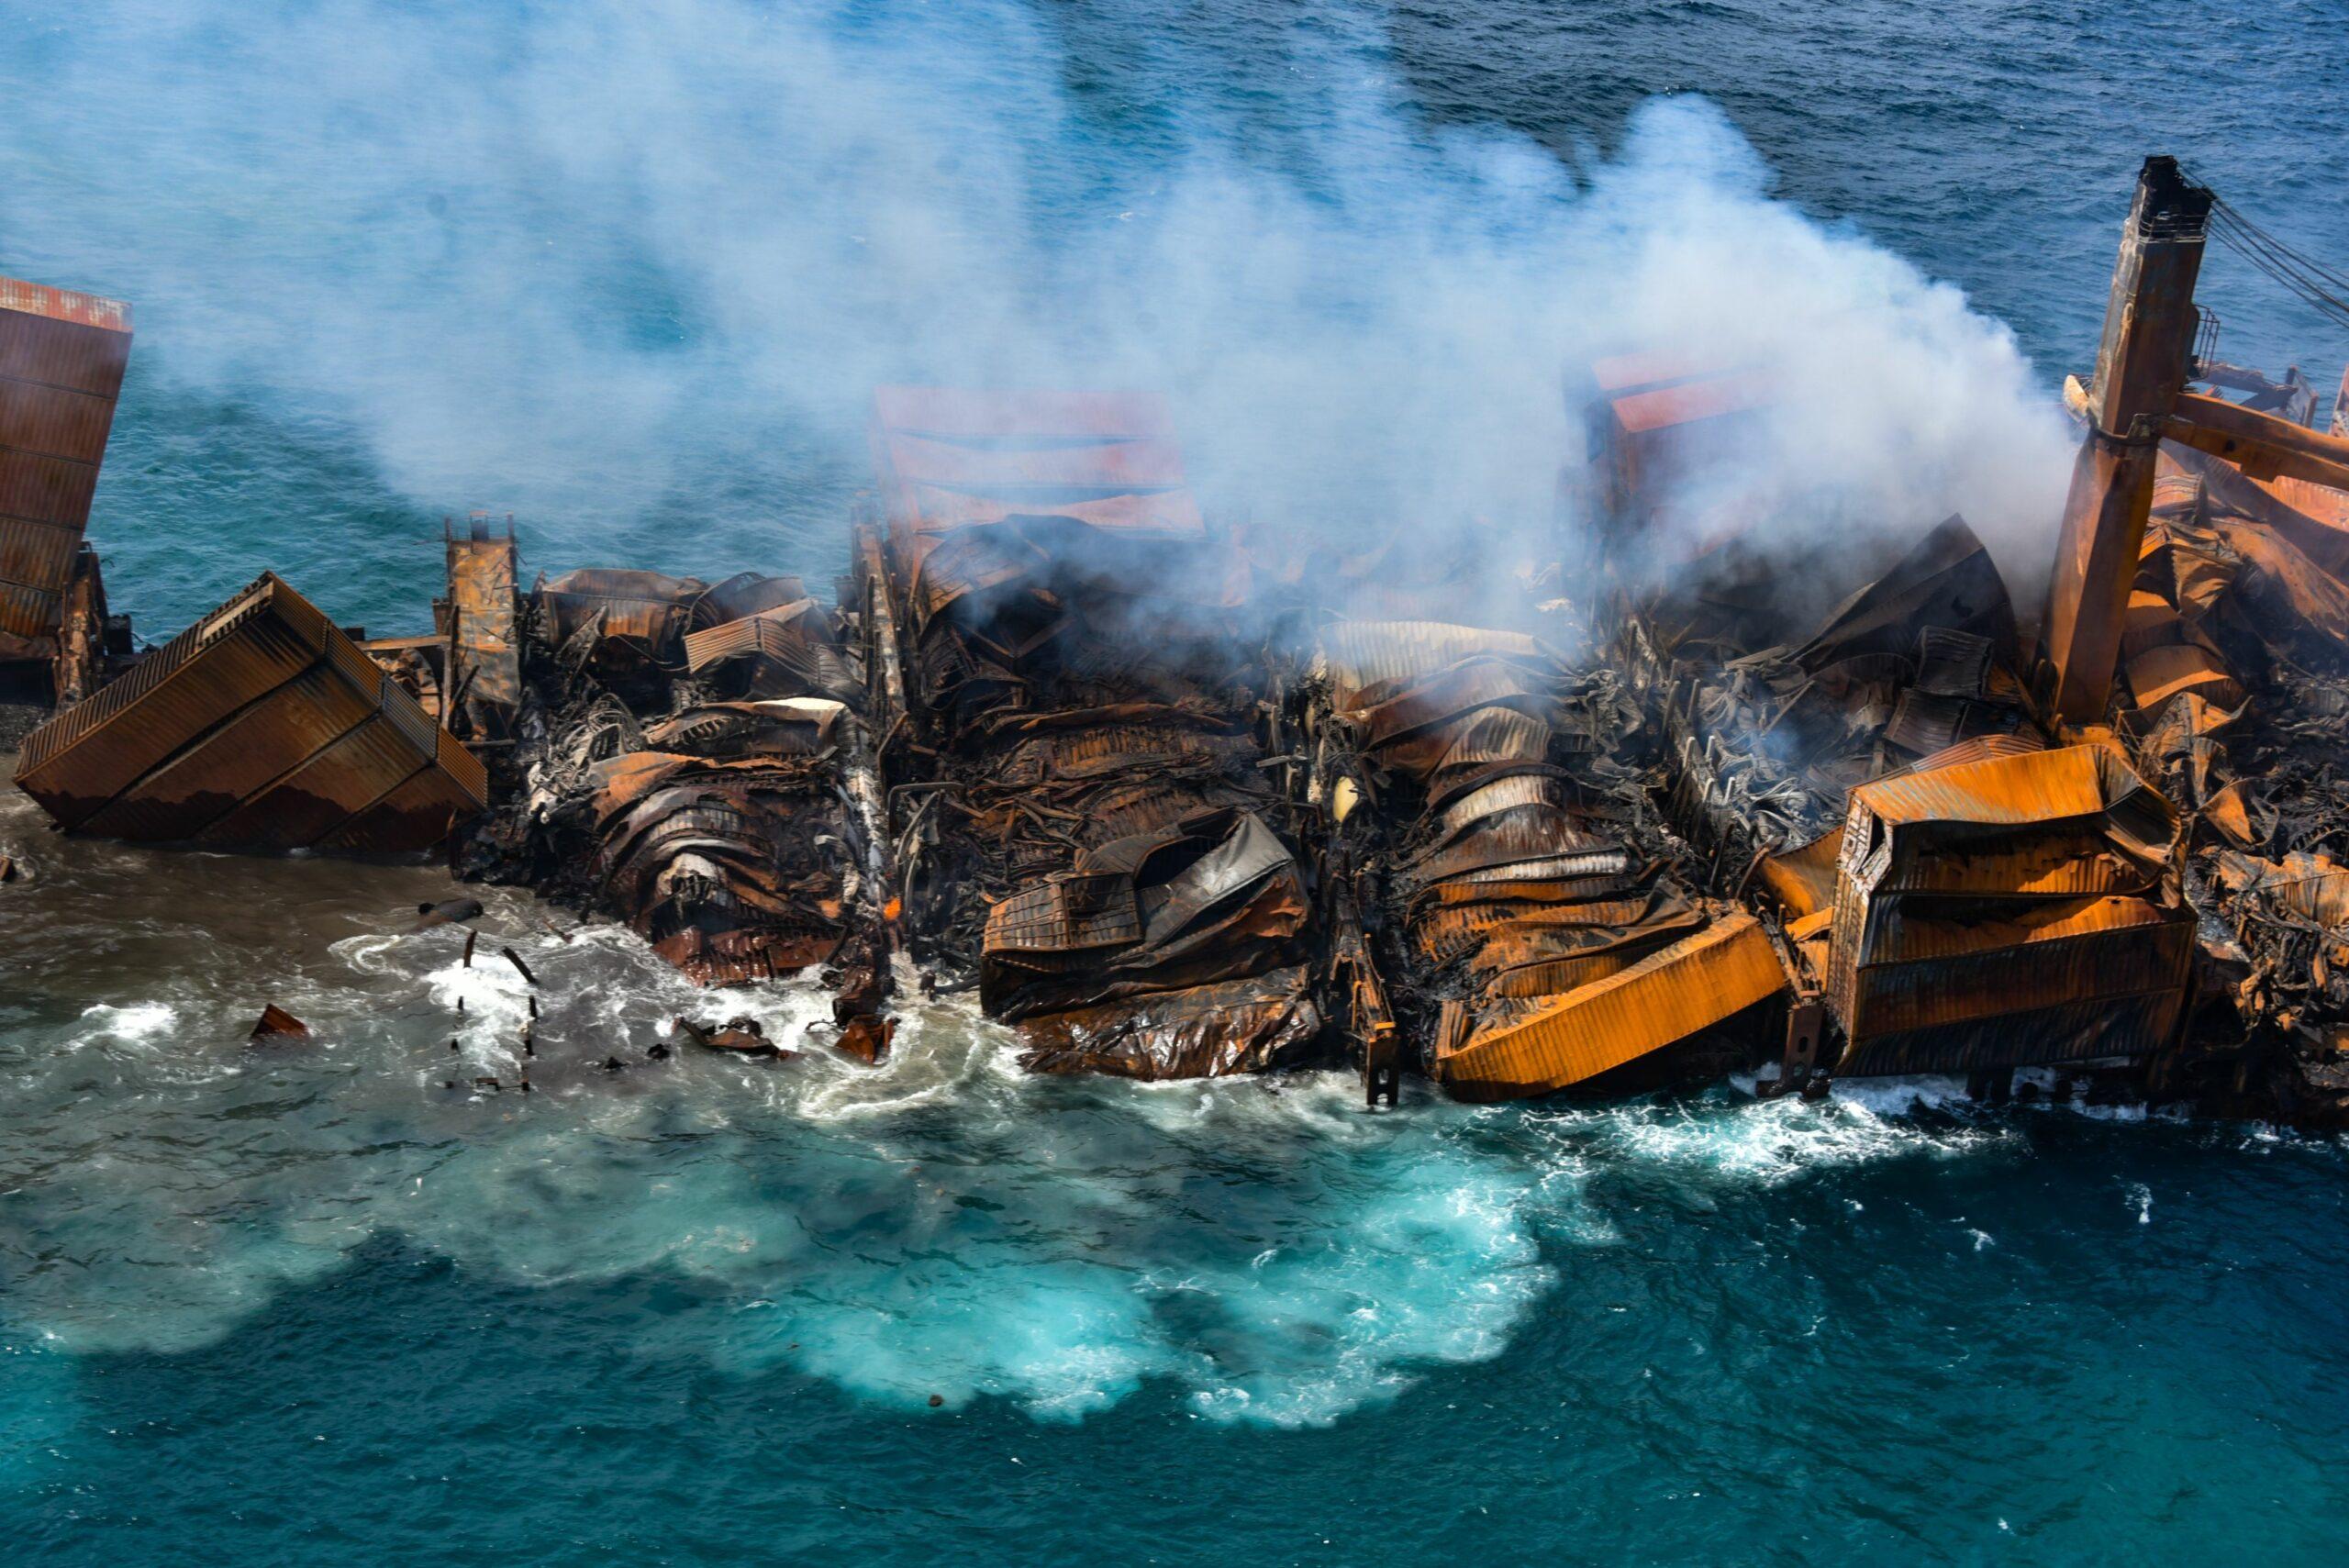 ศรีลังกาหยุดลาก 'เรือไฟหายนะ' หลังท้ายลำจมทะเล